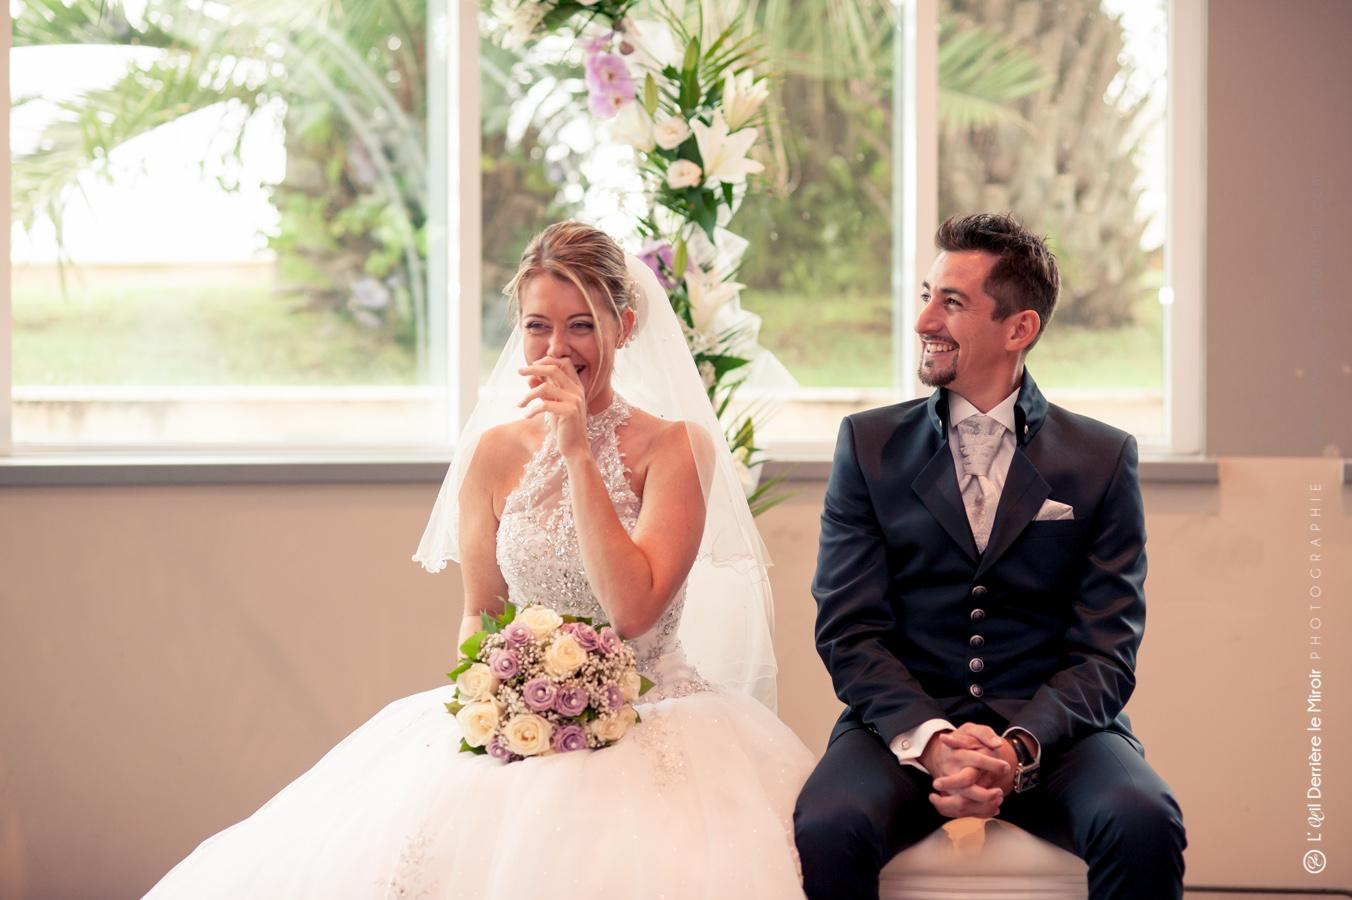 Photographe-mariage-monaco-loeilderrierelemiroir-036